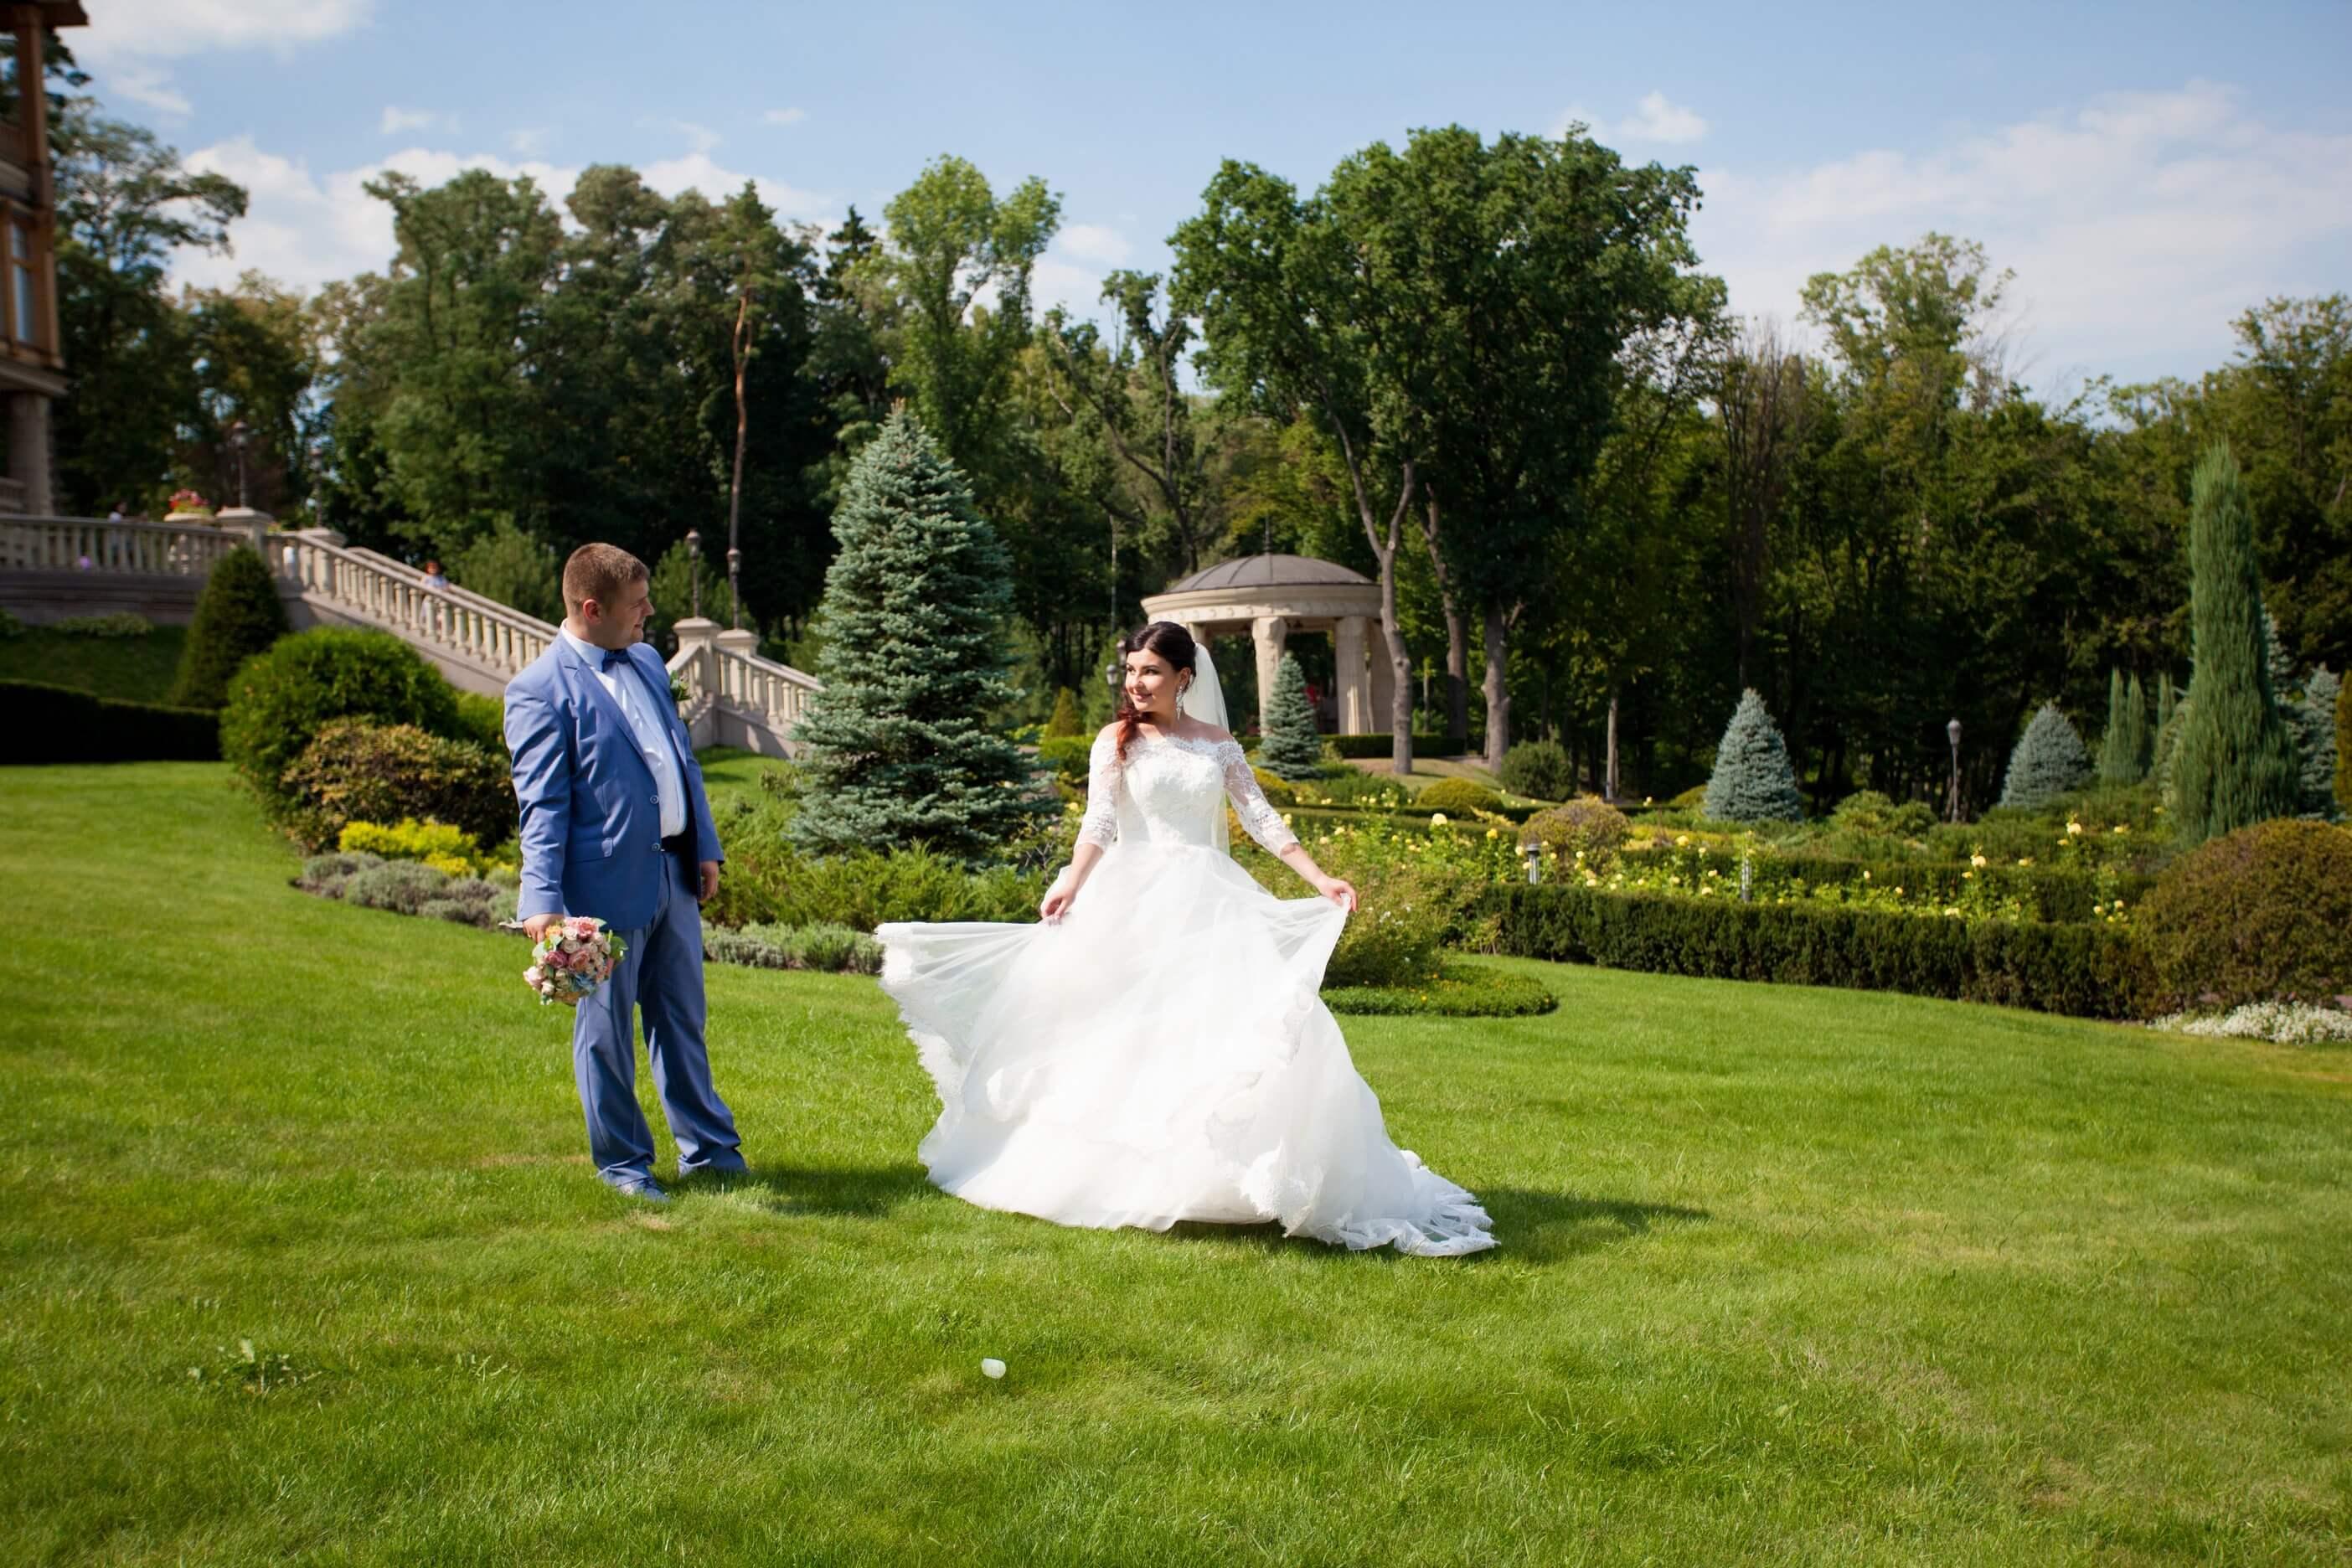 zhivye svadebnye fotografii (21)